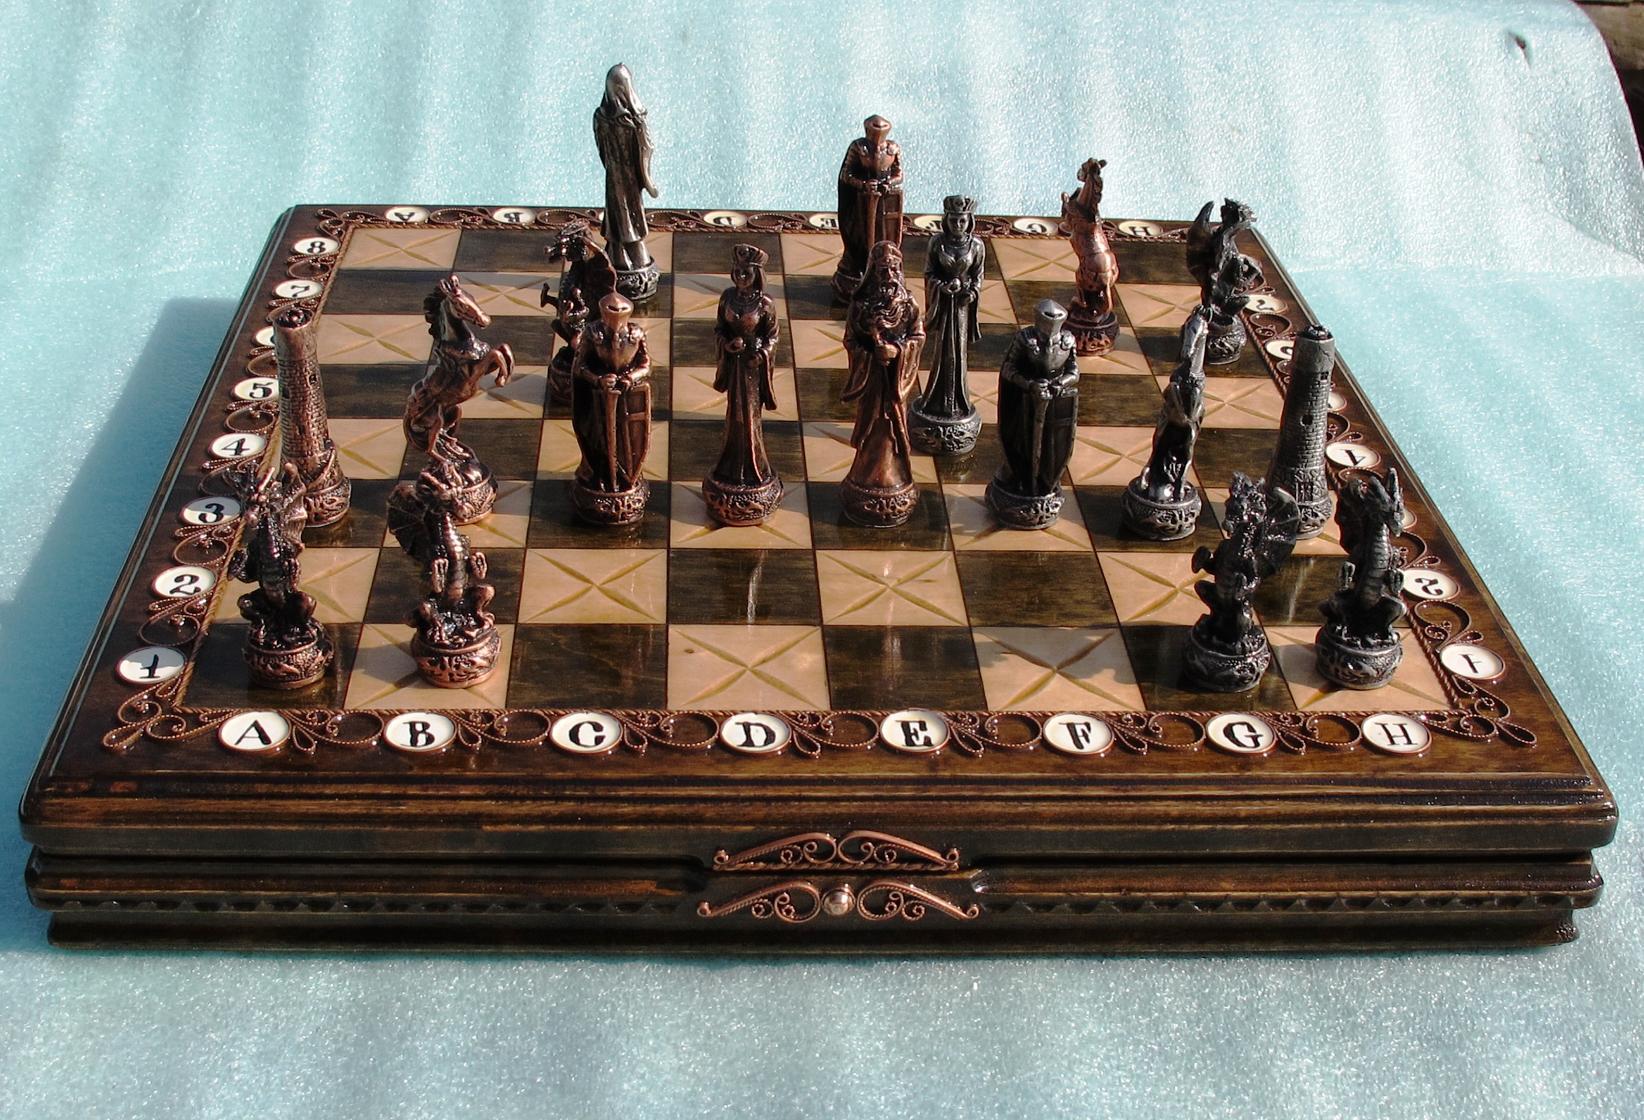 шахматы купить магазин шахмат Cамые низкие цены большой выбор киев